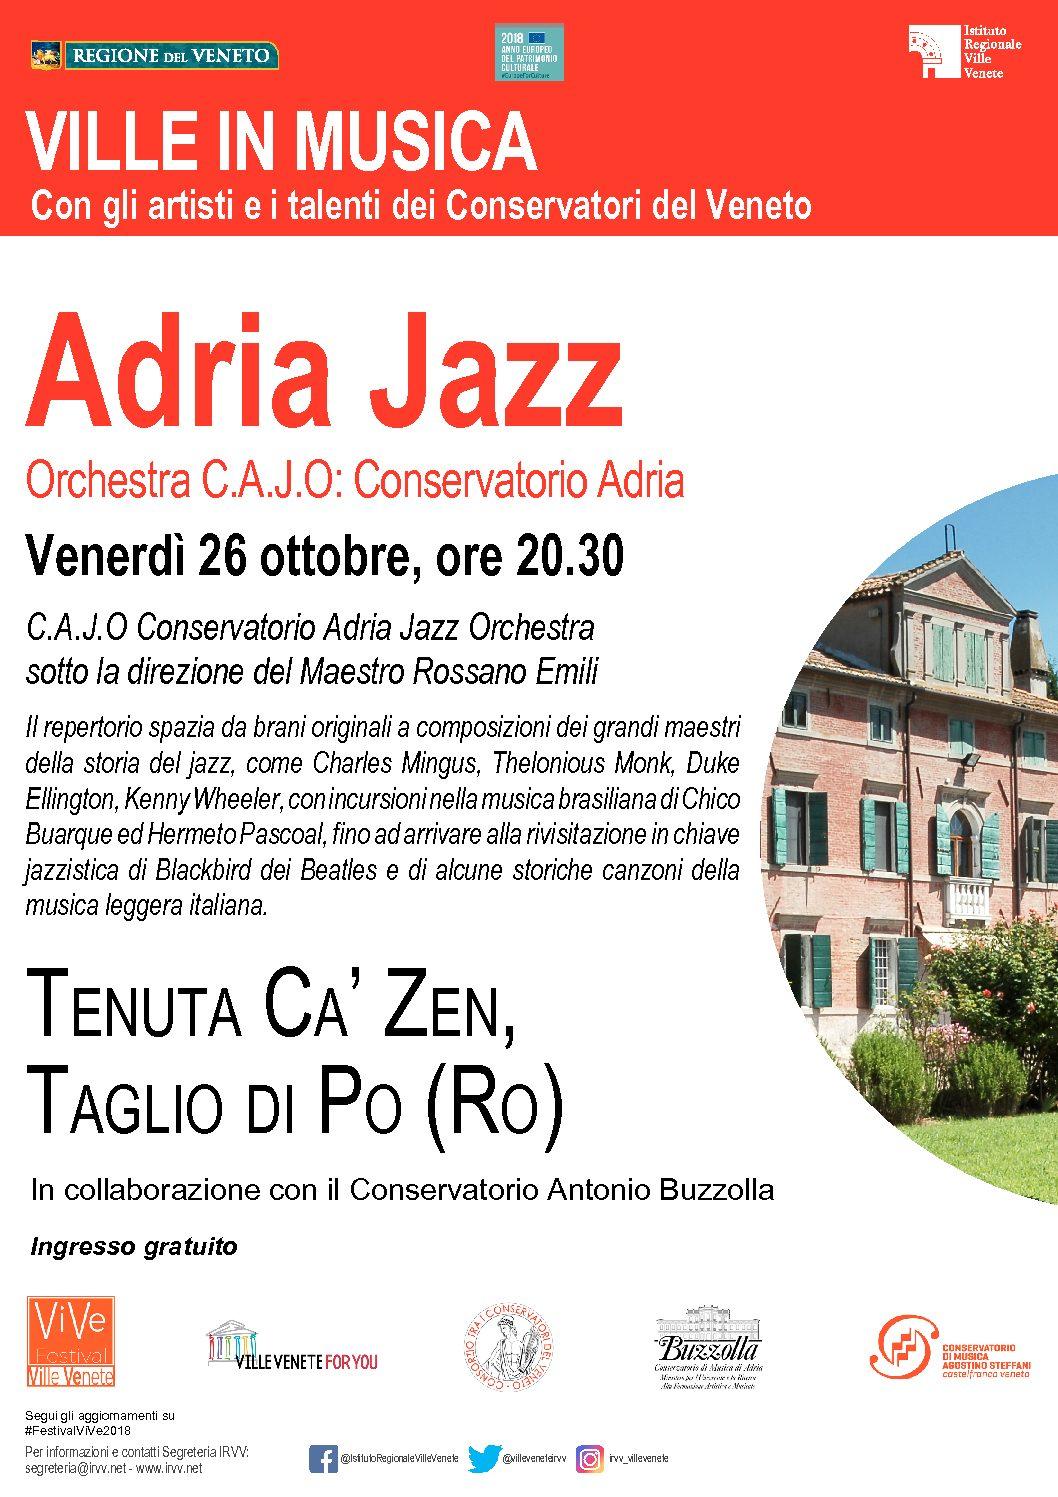 26 ottobre 2018 ore 20.30 – Ville Venete in musica – Concerto C.A.J.O.